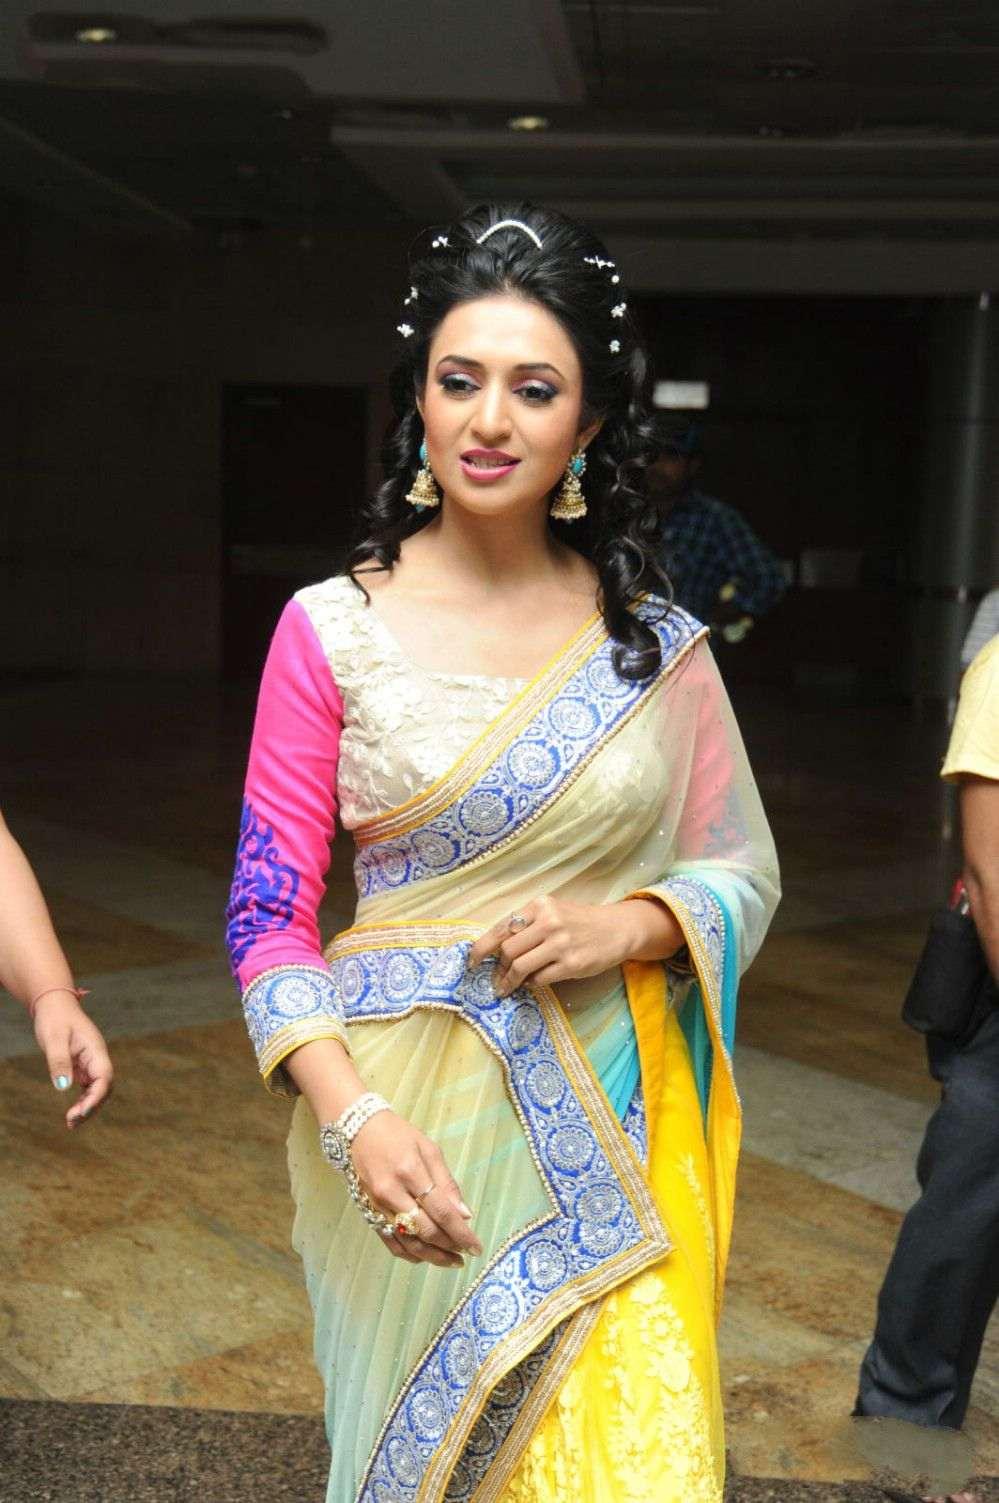 divyanka tripathi boobs